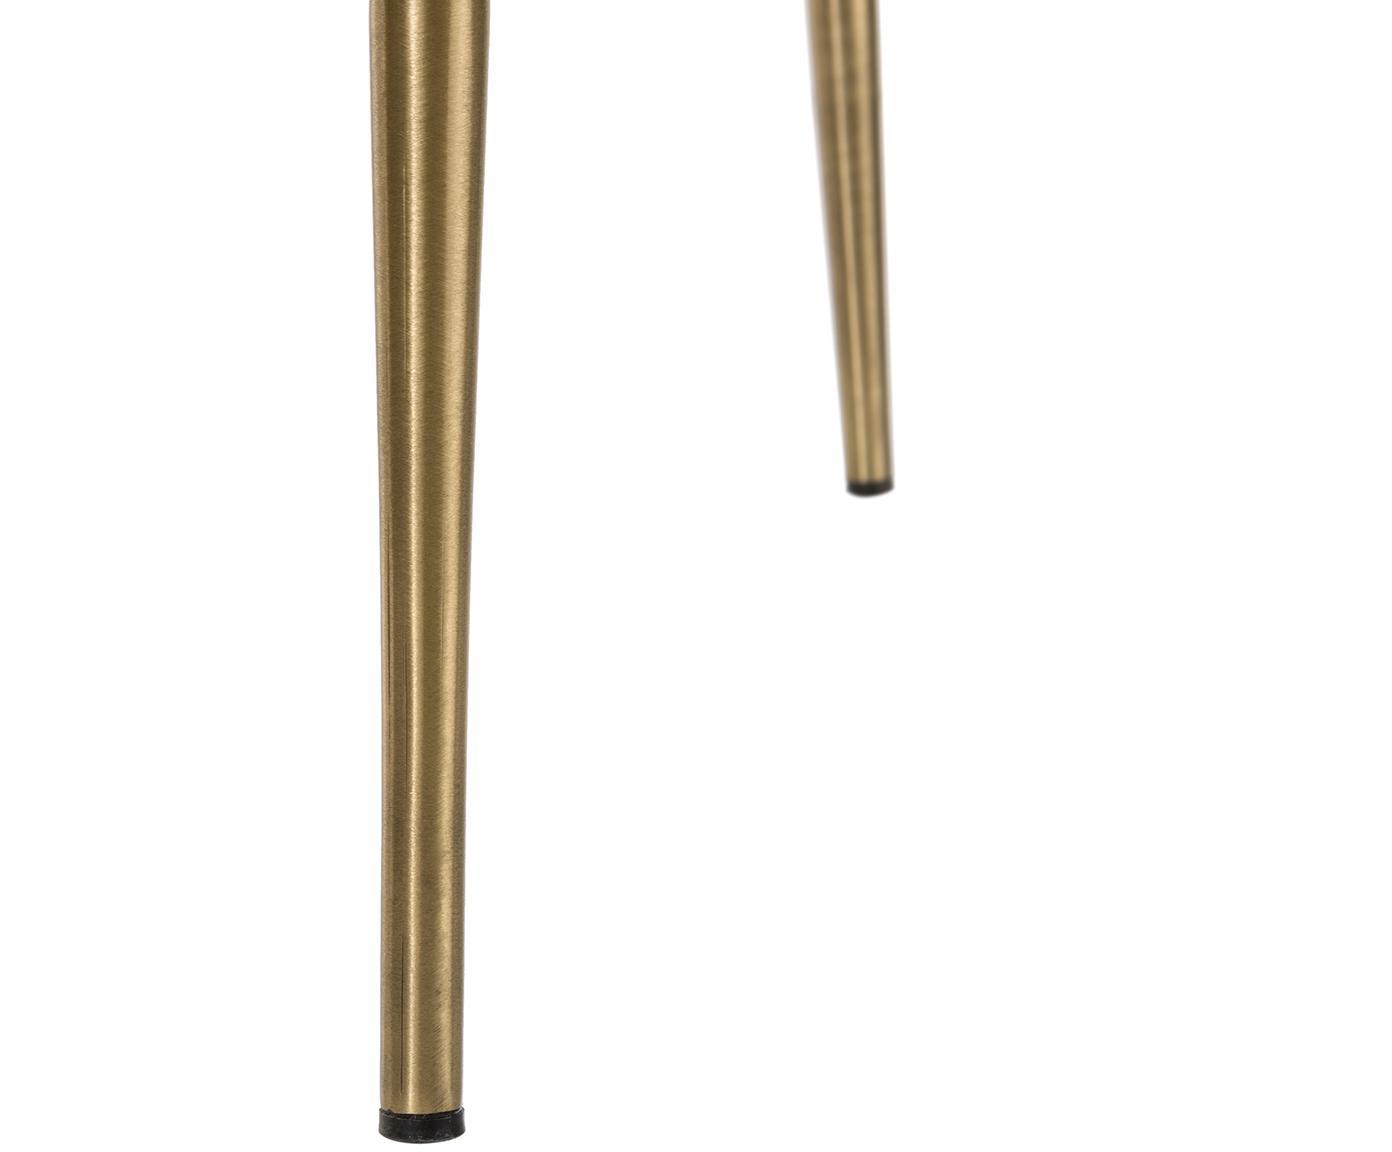 Krzesło tapicerowane z aksamitu Tess, Tapicerka: aksamit (poliester) 3000, Nogi: metal malowany proszkowo, Aksamitny szary, złoty, S 49 x G 64 cm